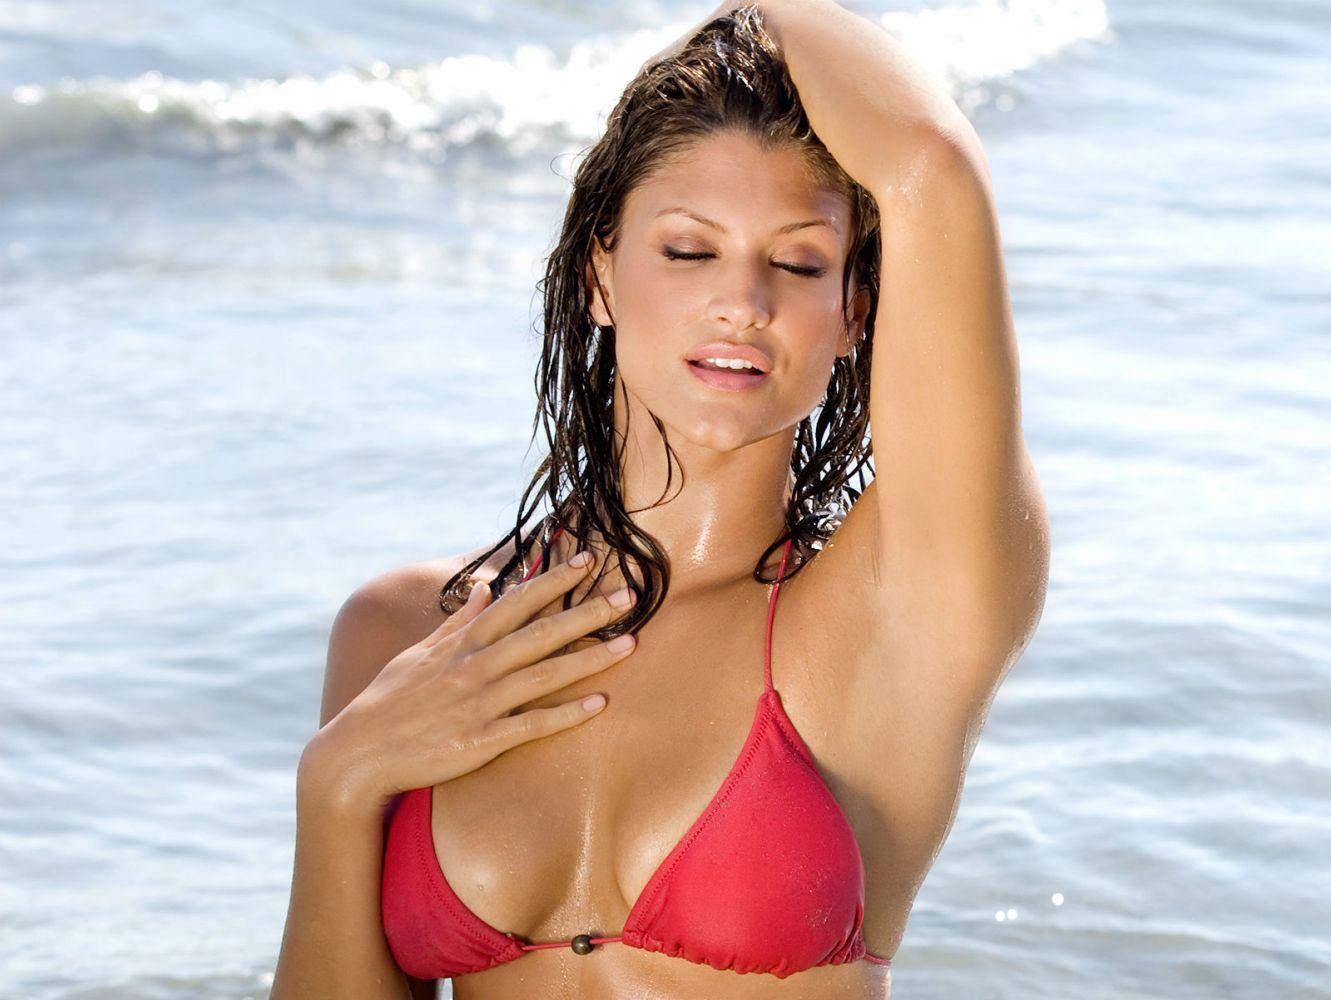 Wwe girl bikini free video — photo 9